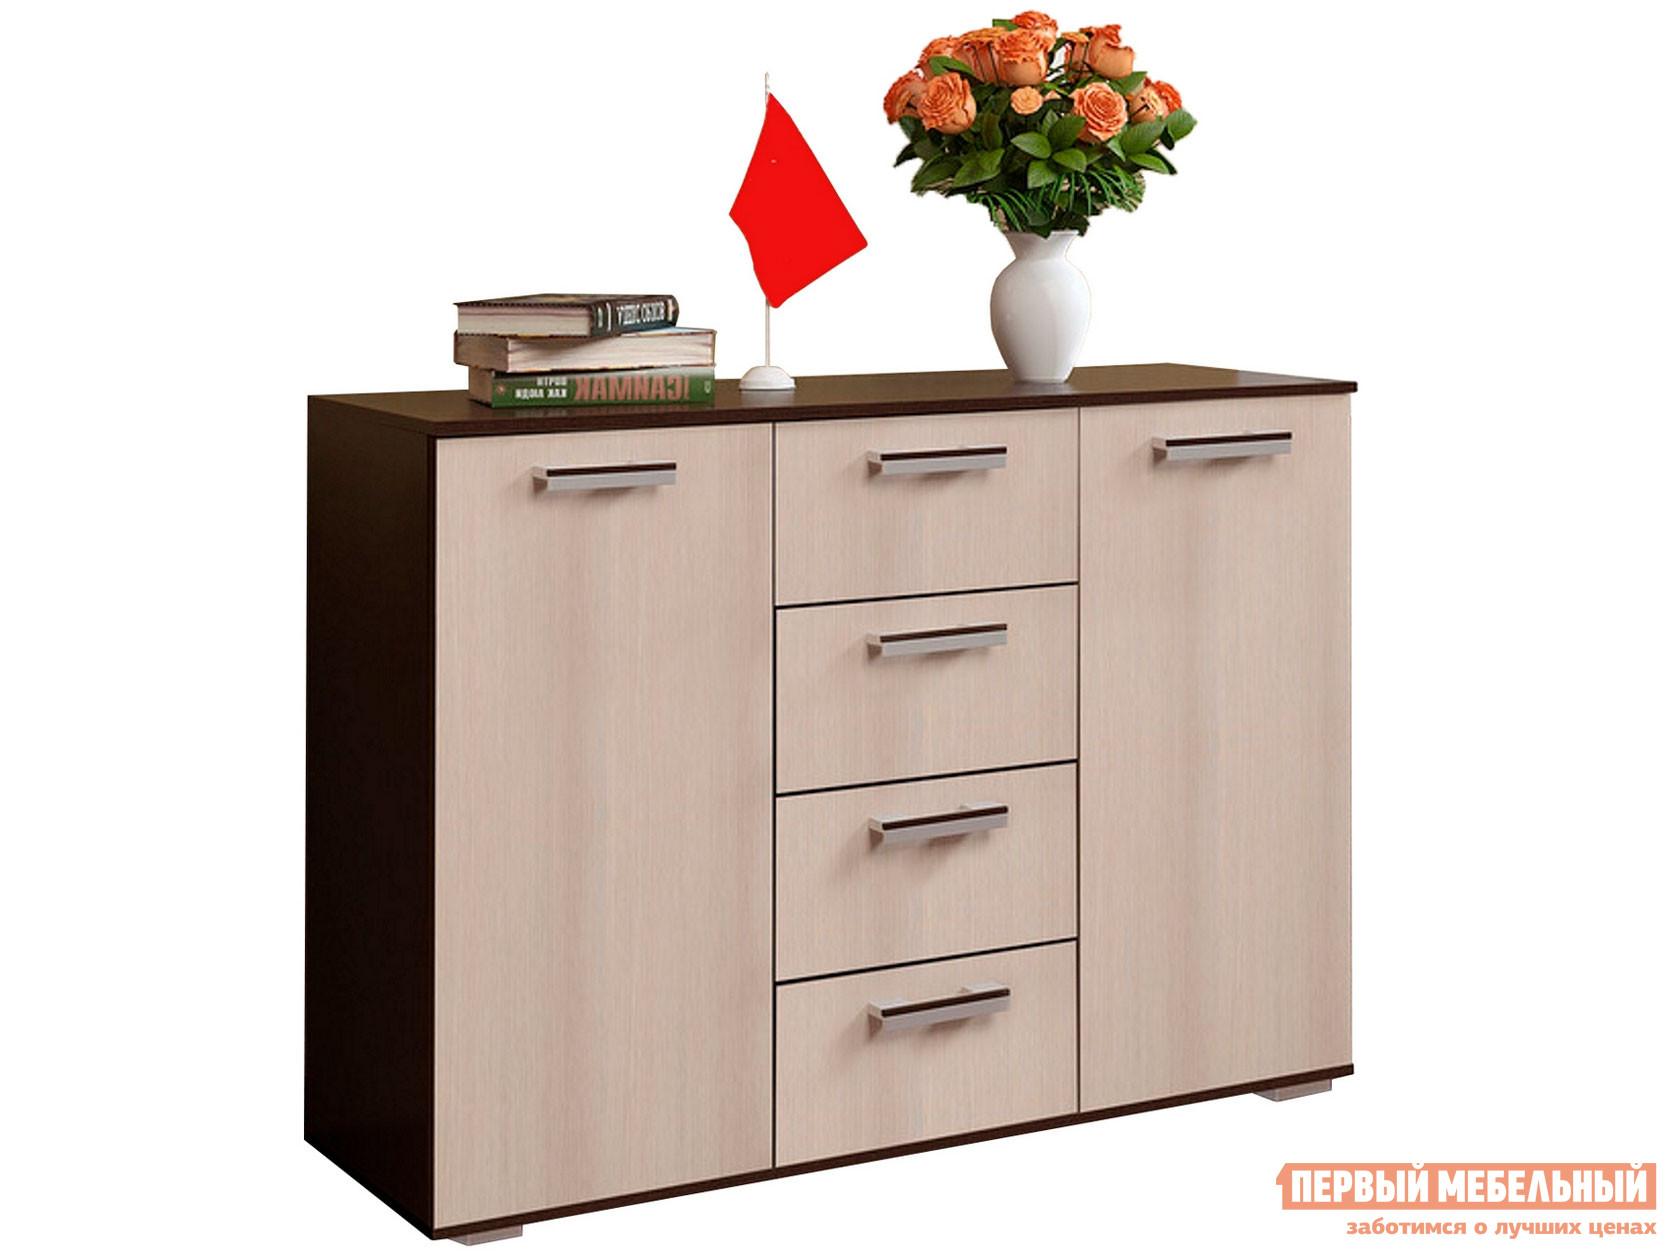 Комод Первый Мебельный Стандарт 2